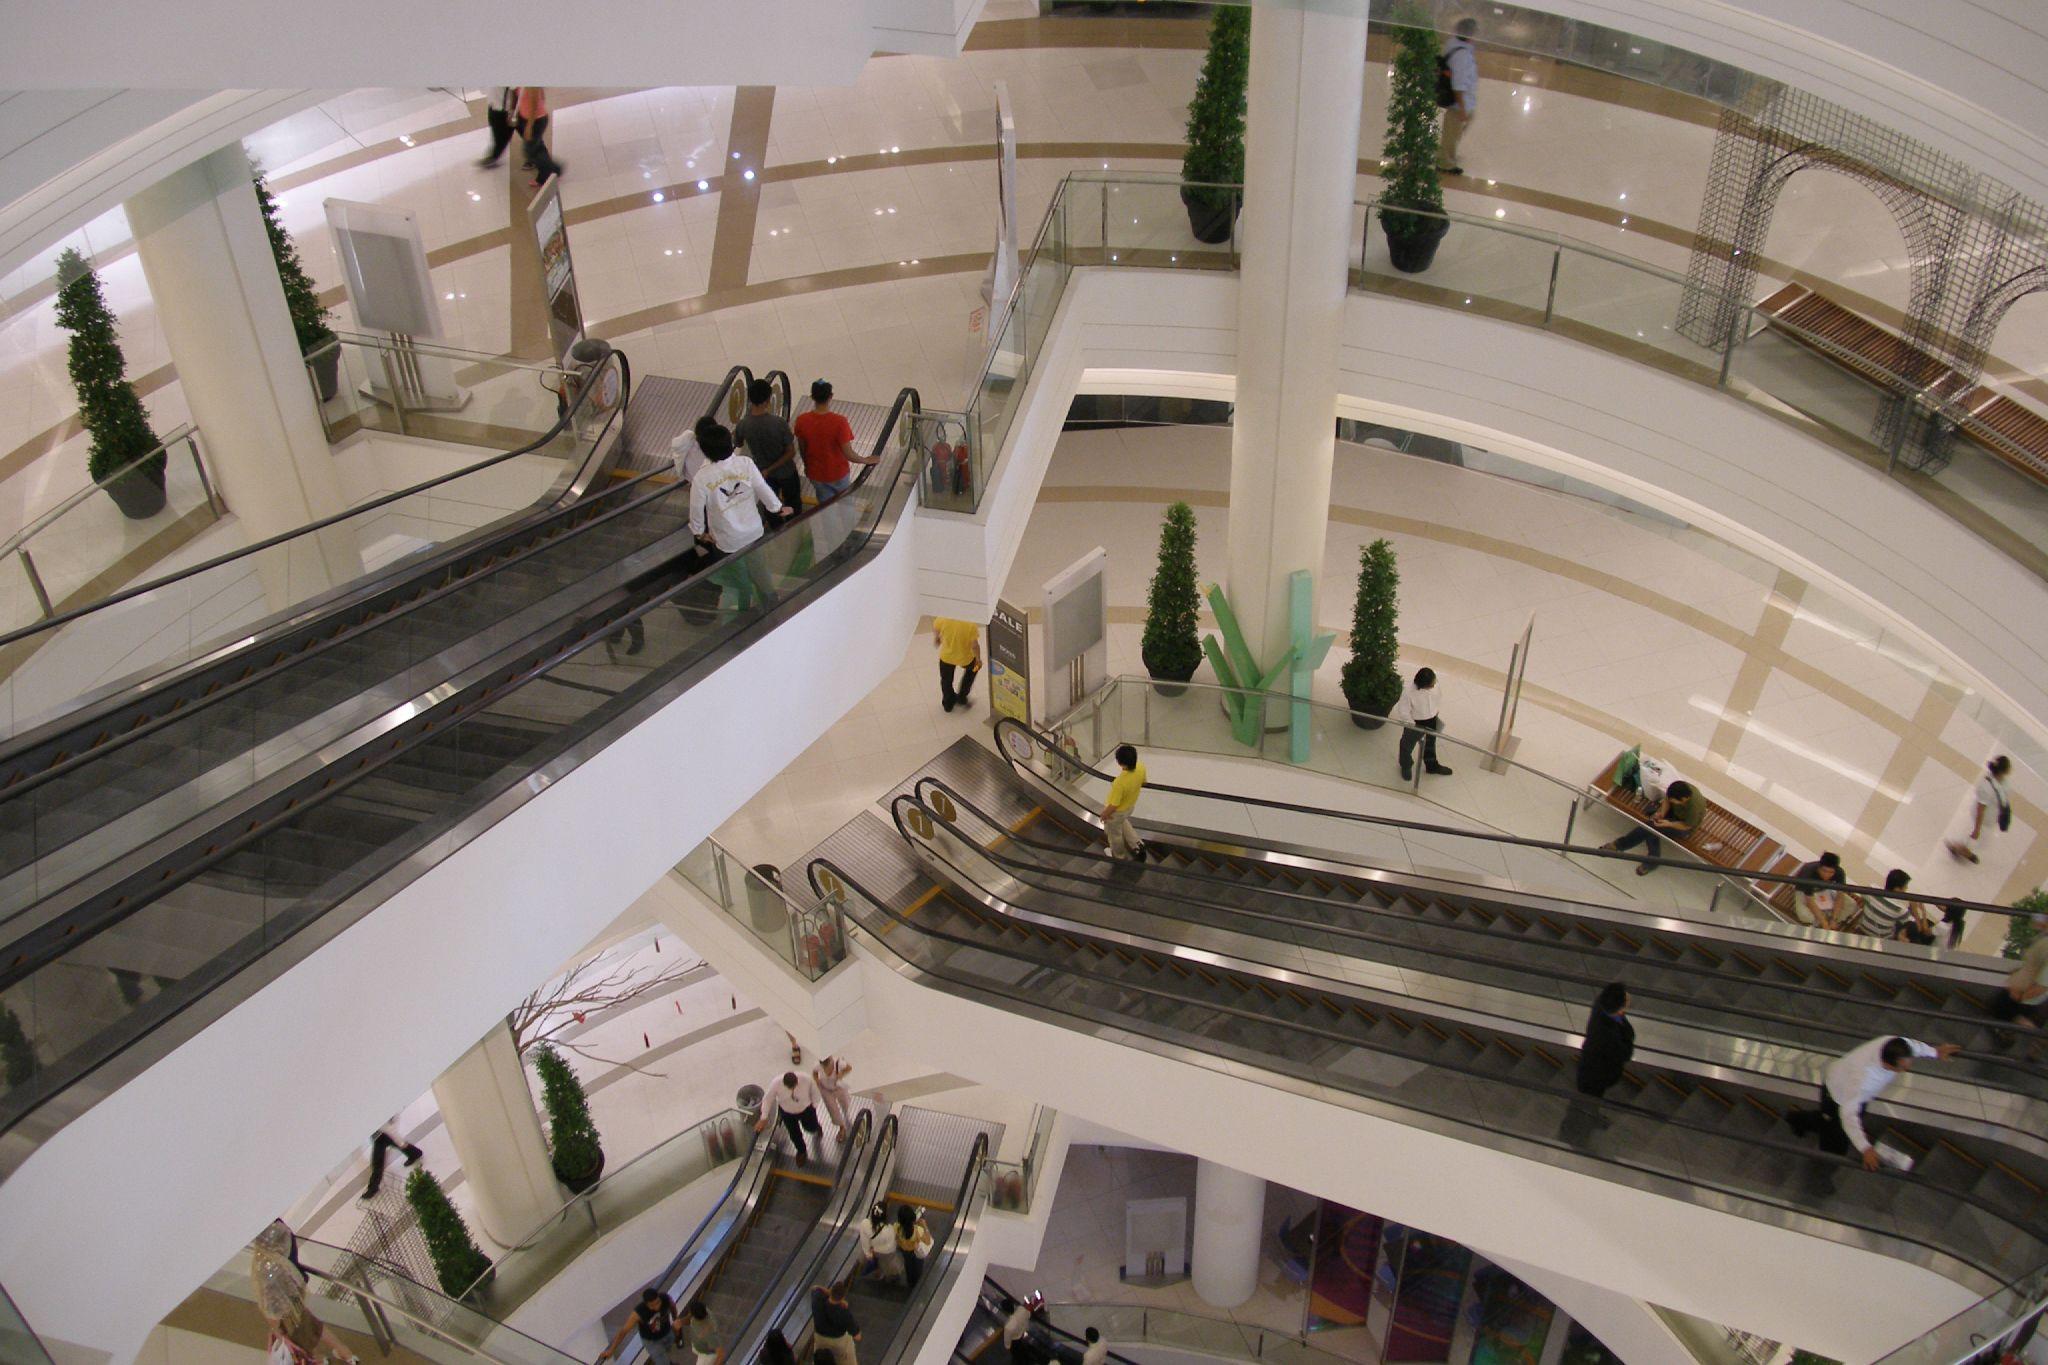 Shopping Malls, Markets Close in Bangkok